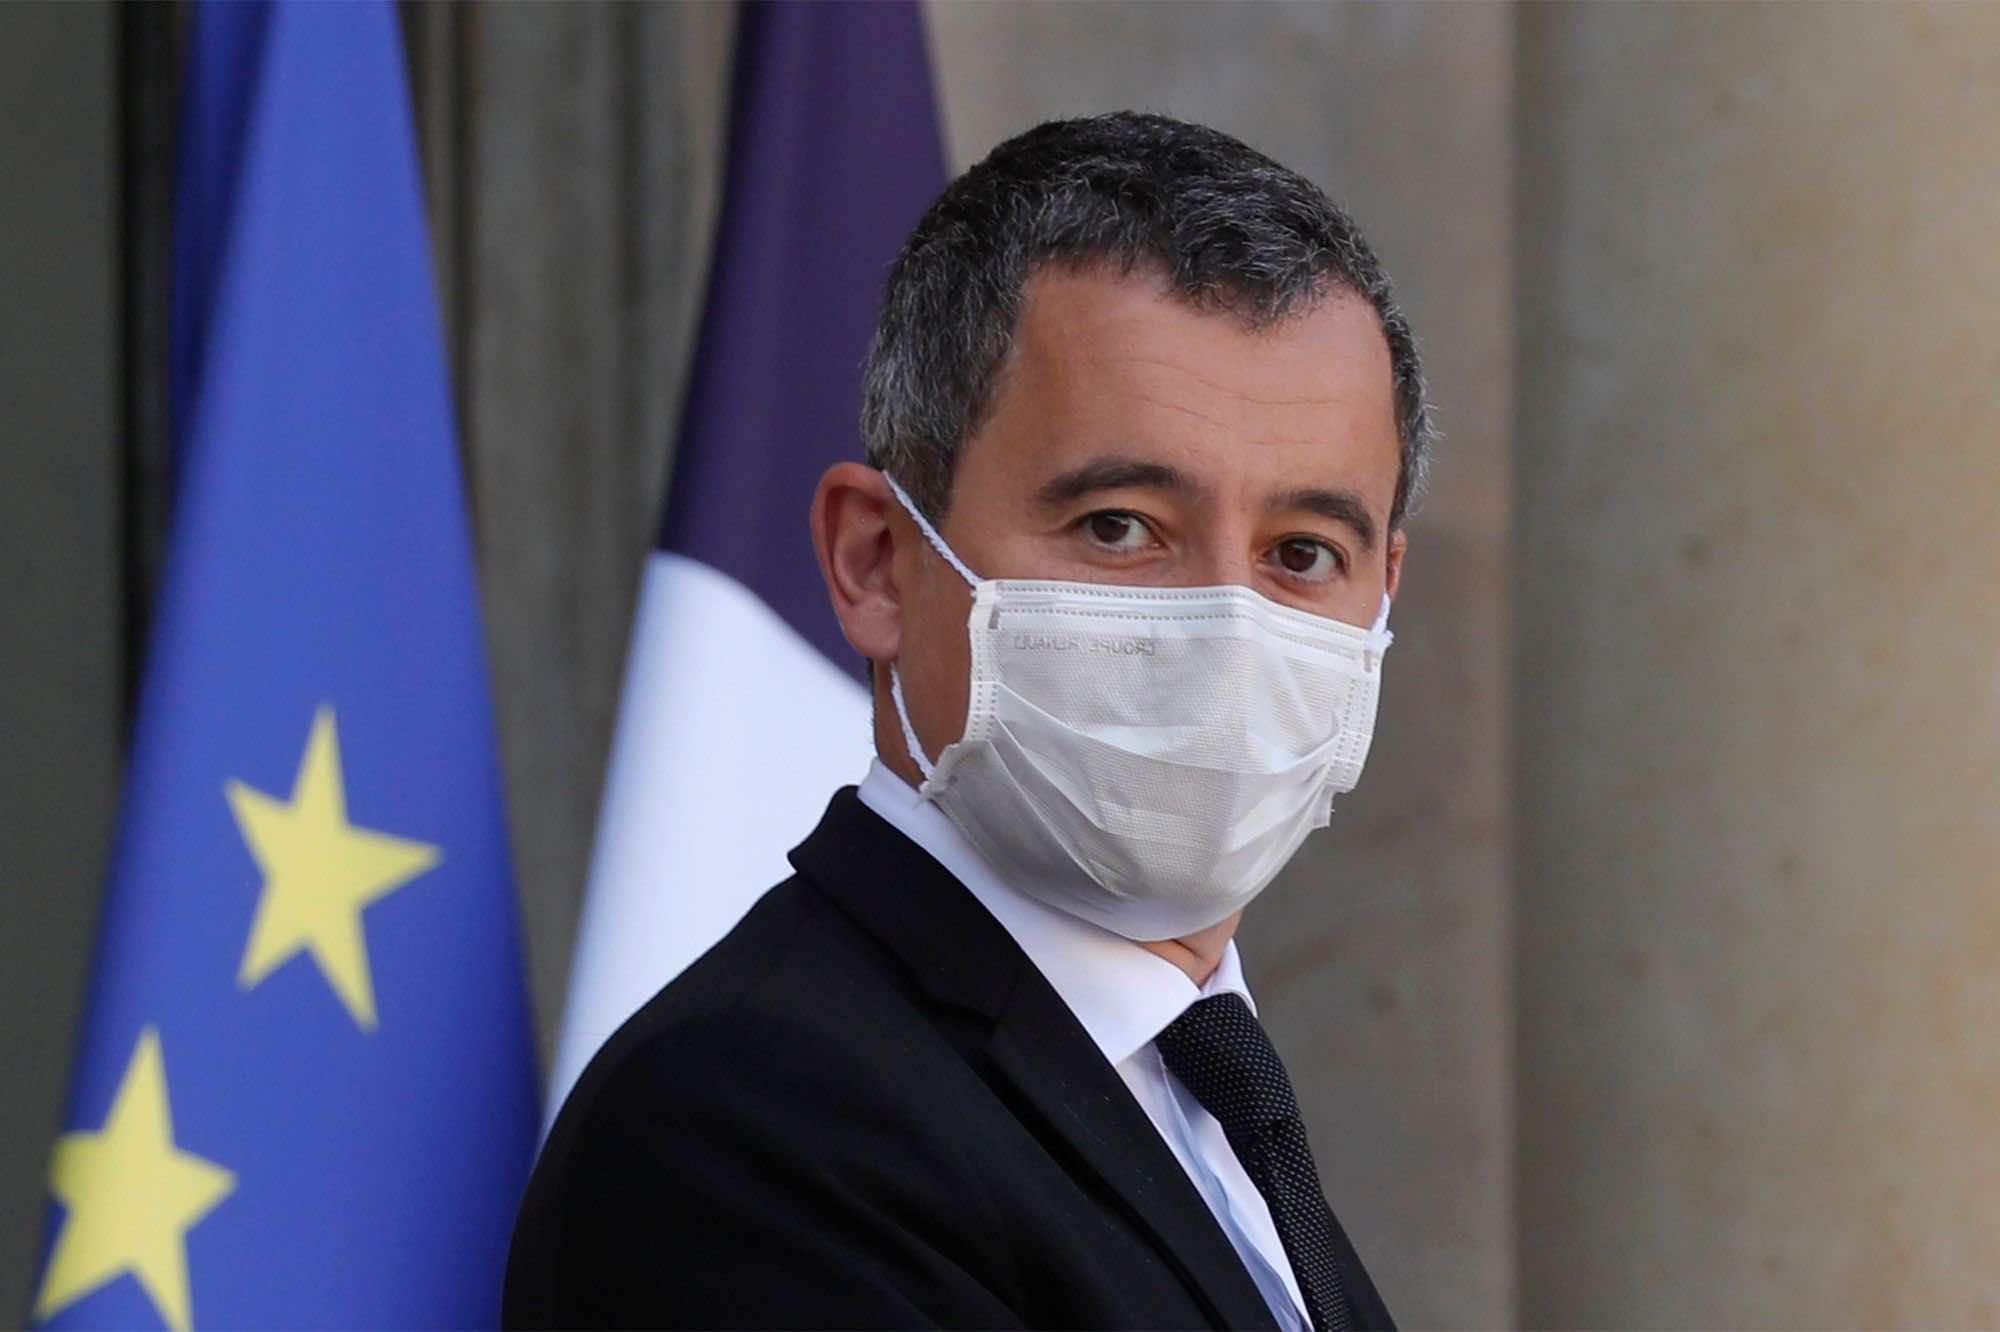 Vigils held in France for slain teacher